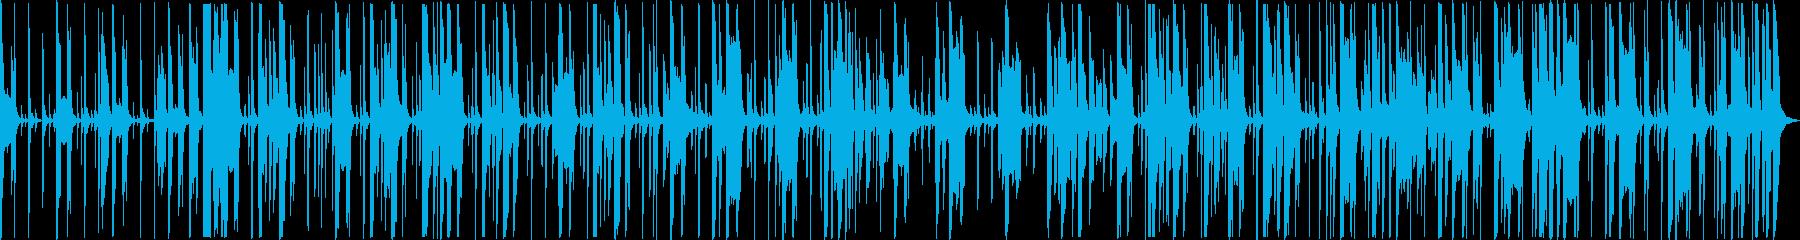 熟練された大人のバンドミュージックの再生済みの波形